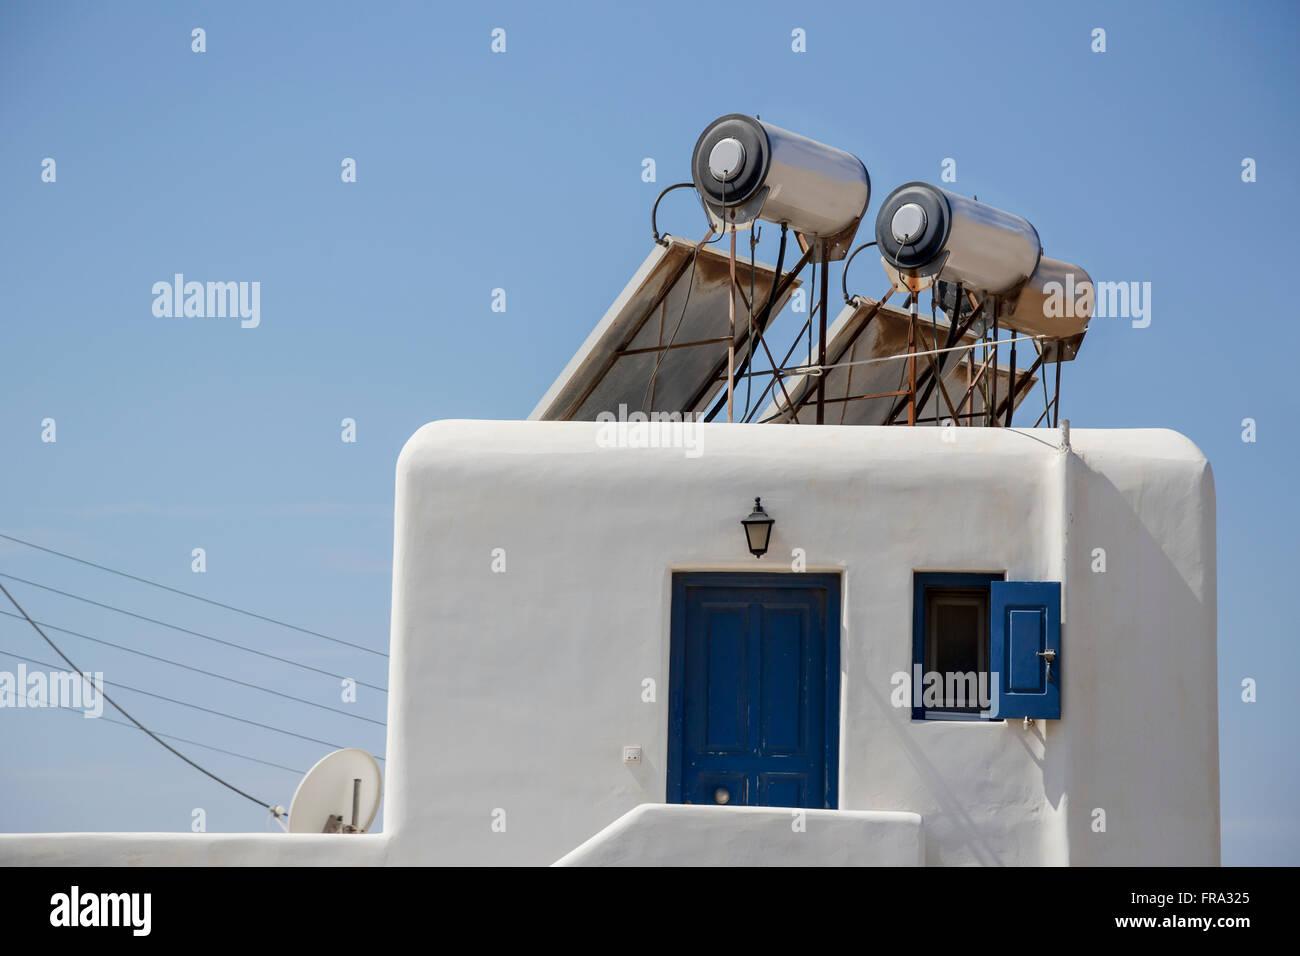 Panneau solaire moderne powered chauffe-eau pour l'efficacité énergétique sont montés sur Photo Stock